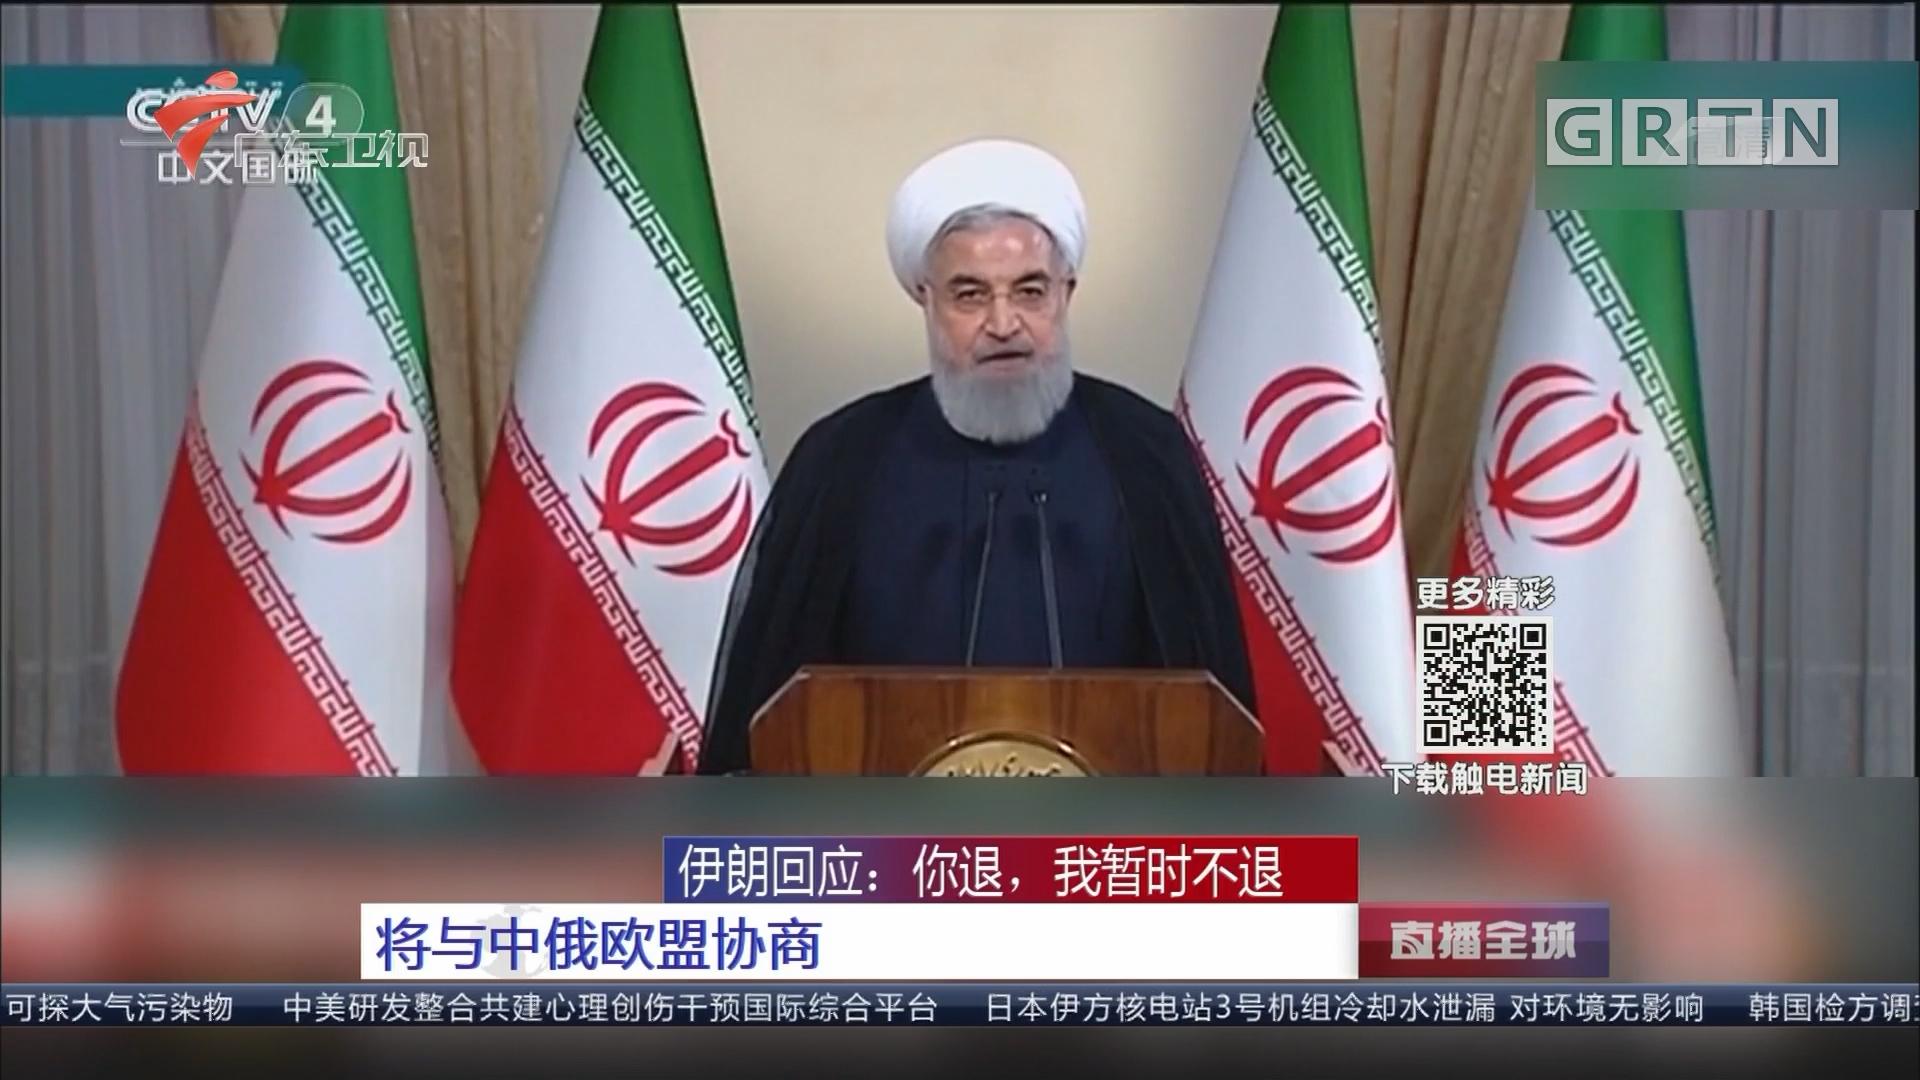 伊朗回应:你退,我暂时不退 将与中俄欧盟协商